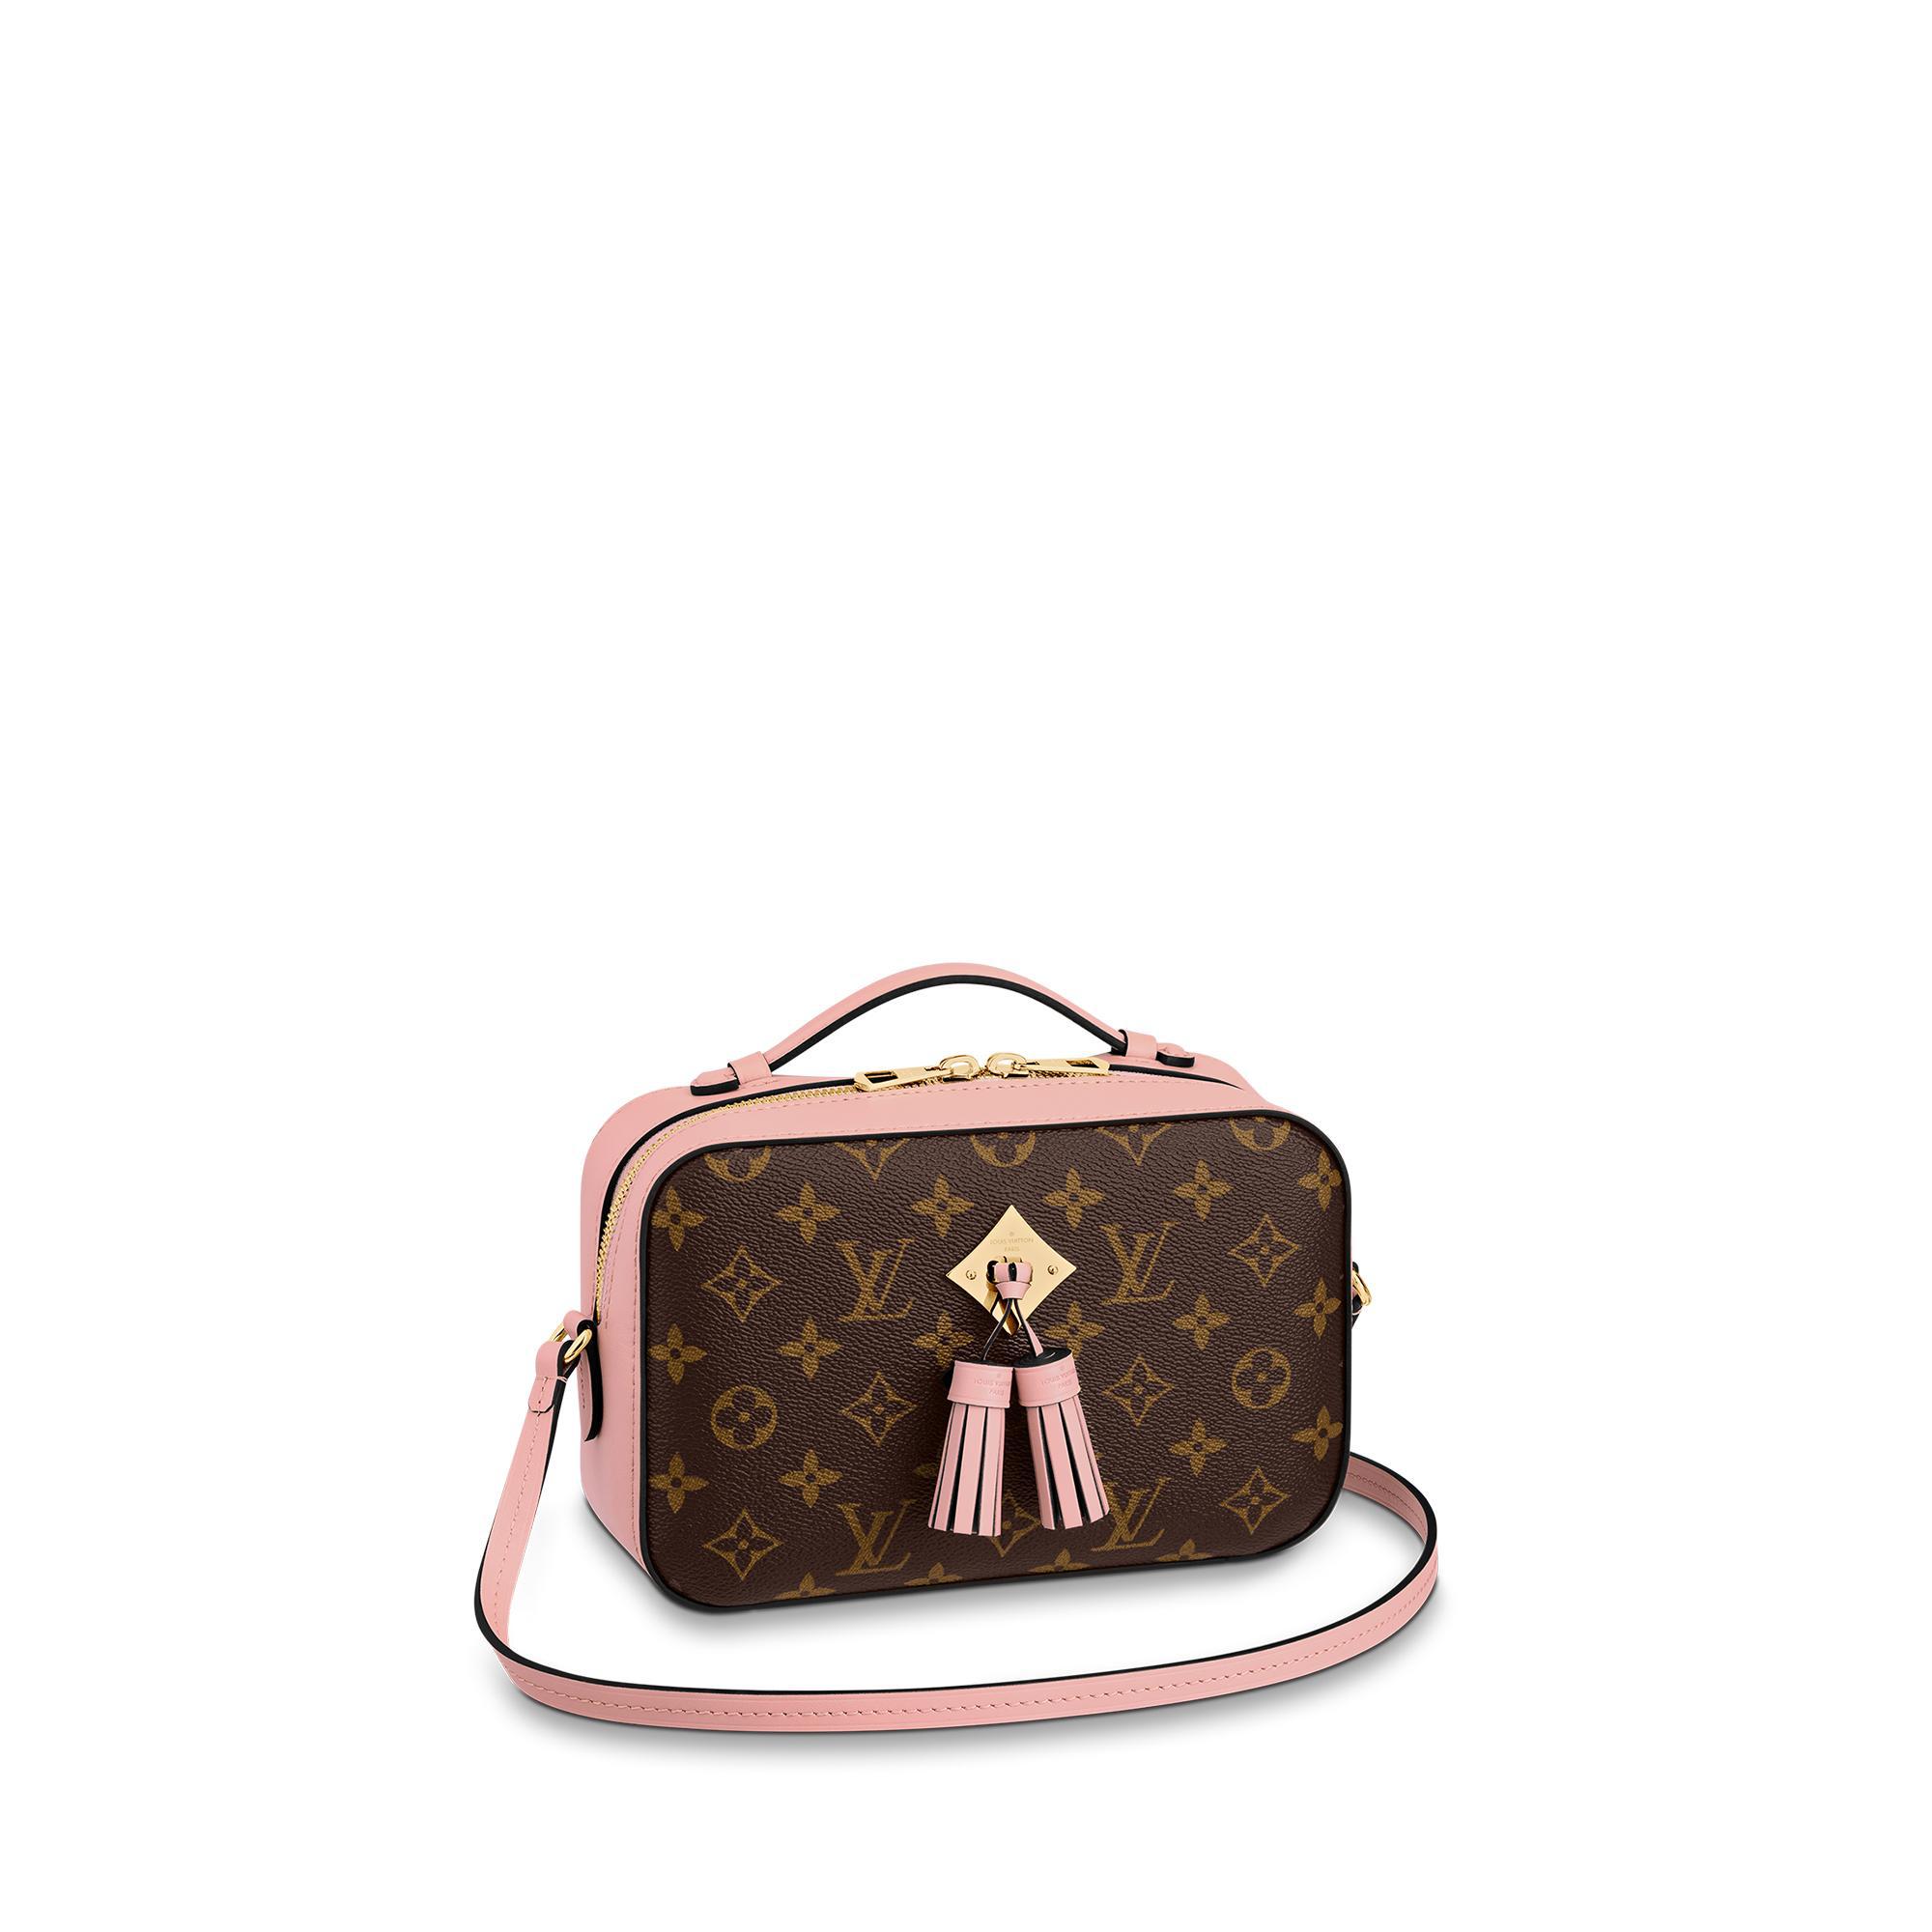 Louis Vuitton Saintonge In Rose Poudre